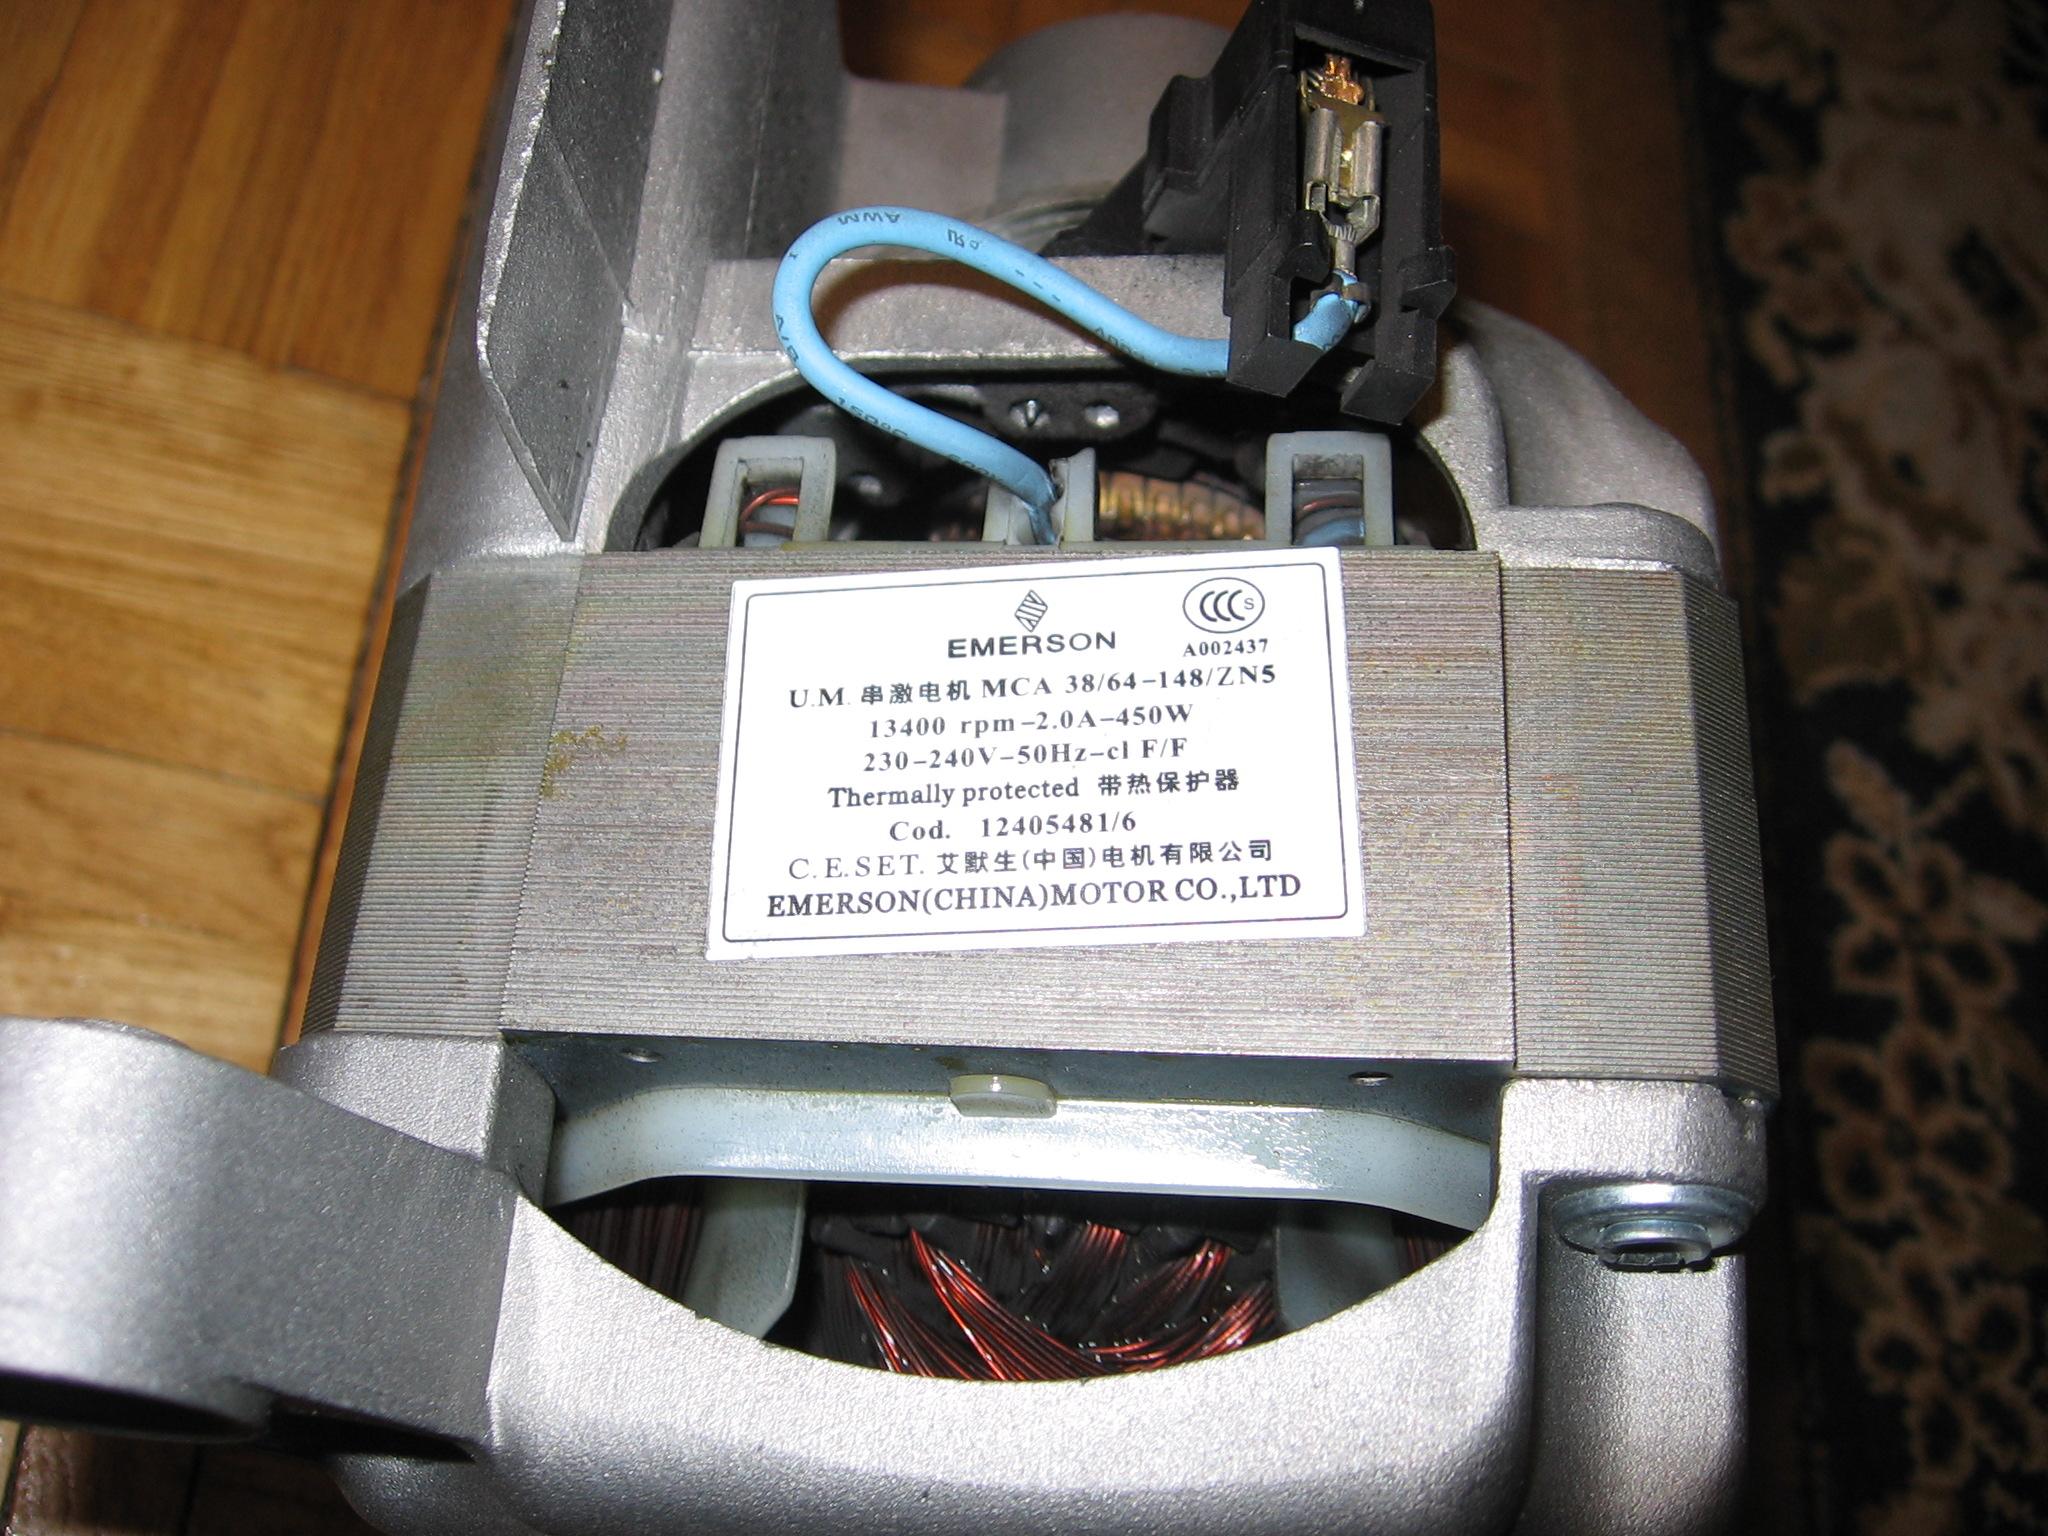 Kupi�  u�ywany, sprawny silnik pralki Electrolux EWF 1060